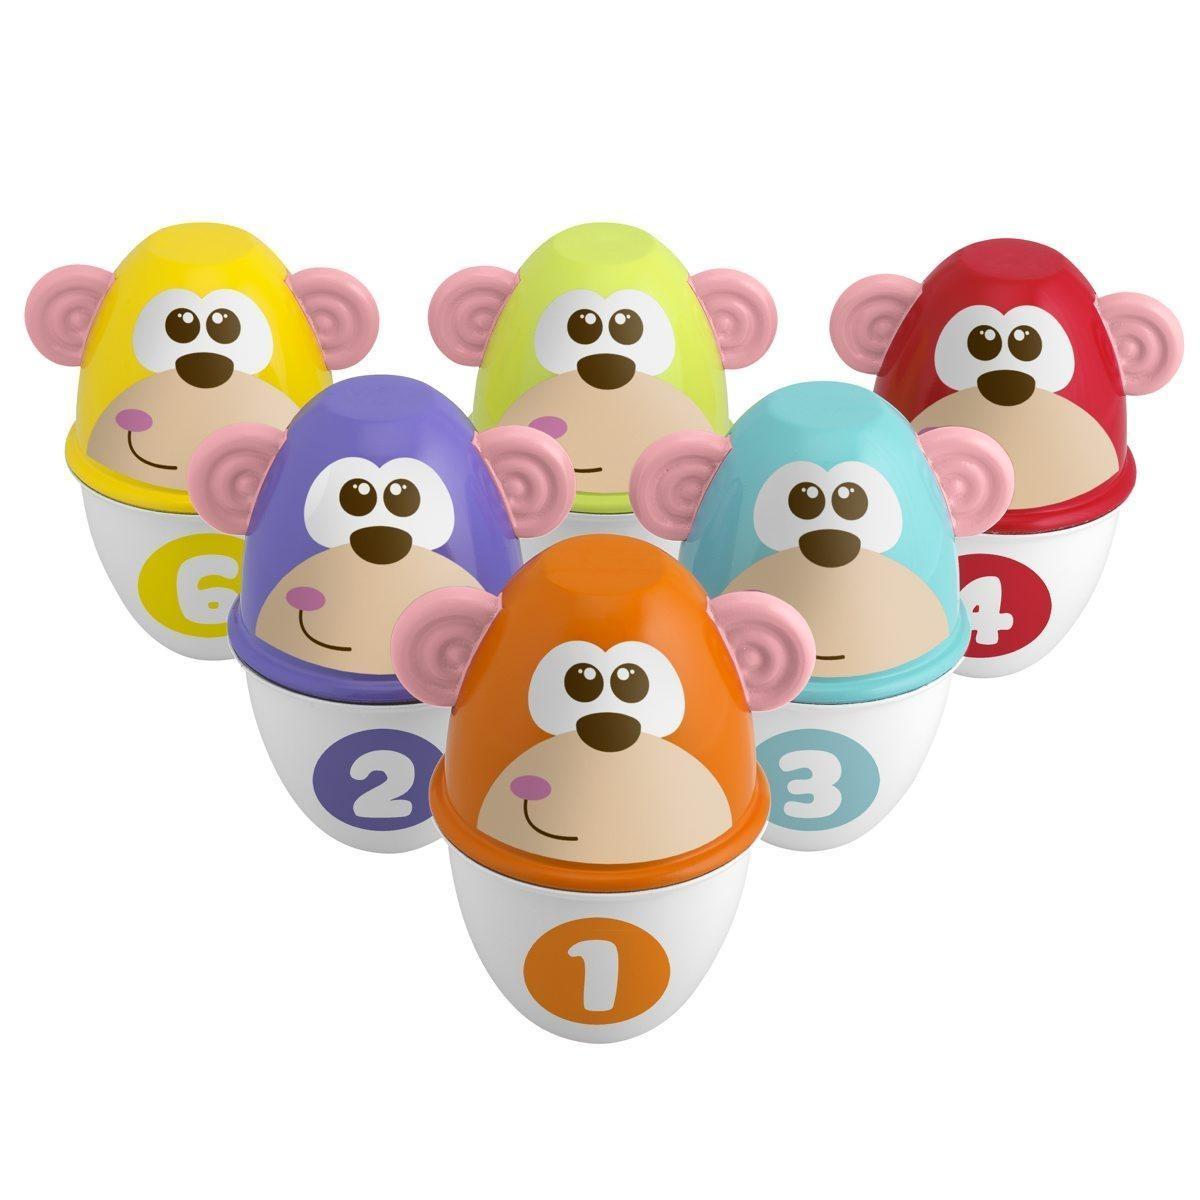 Kolorowe kręgle dla dzieci